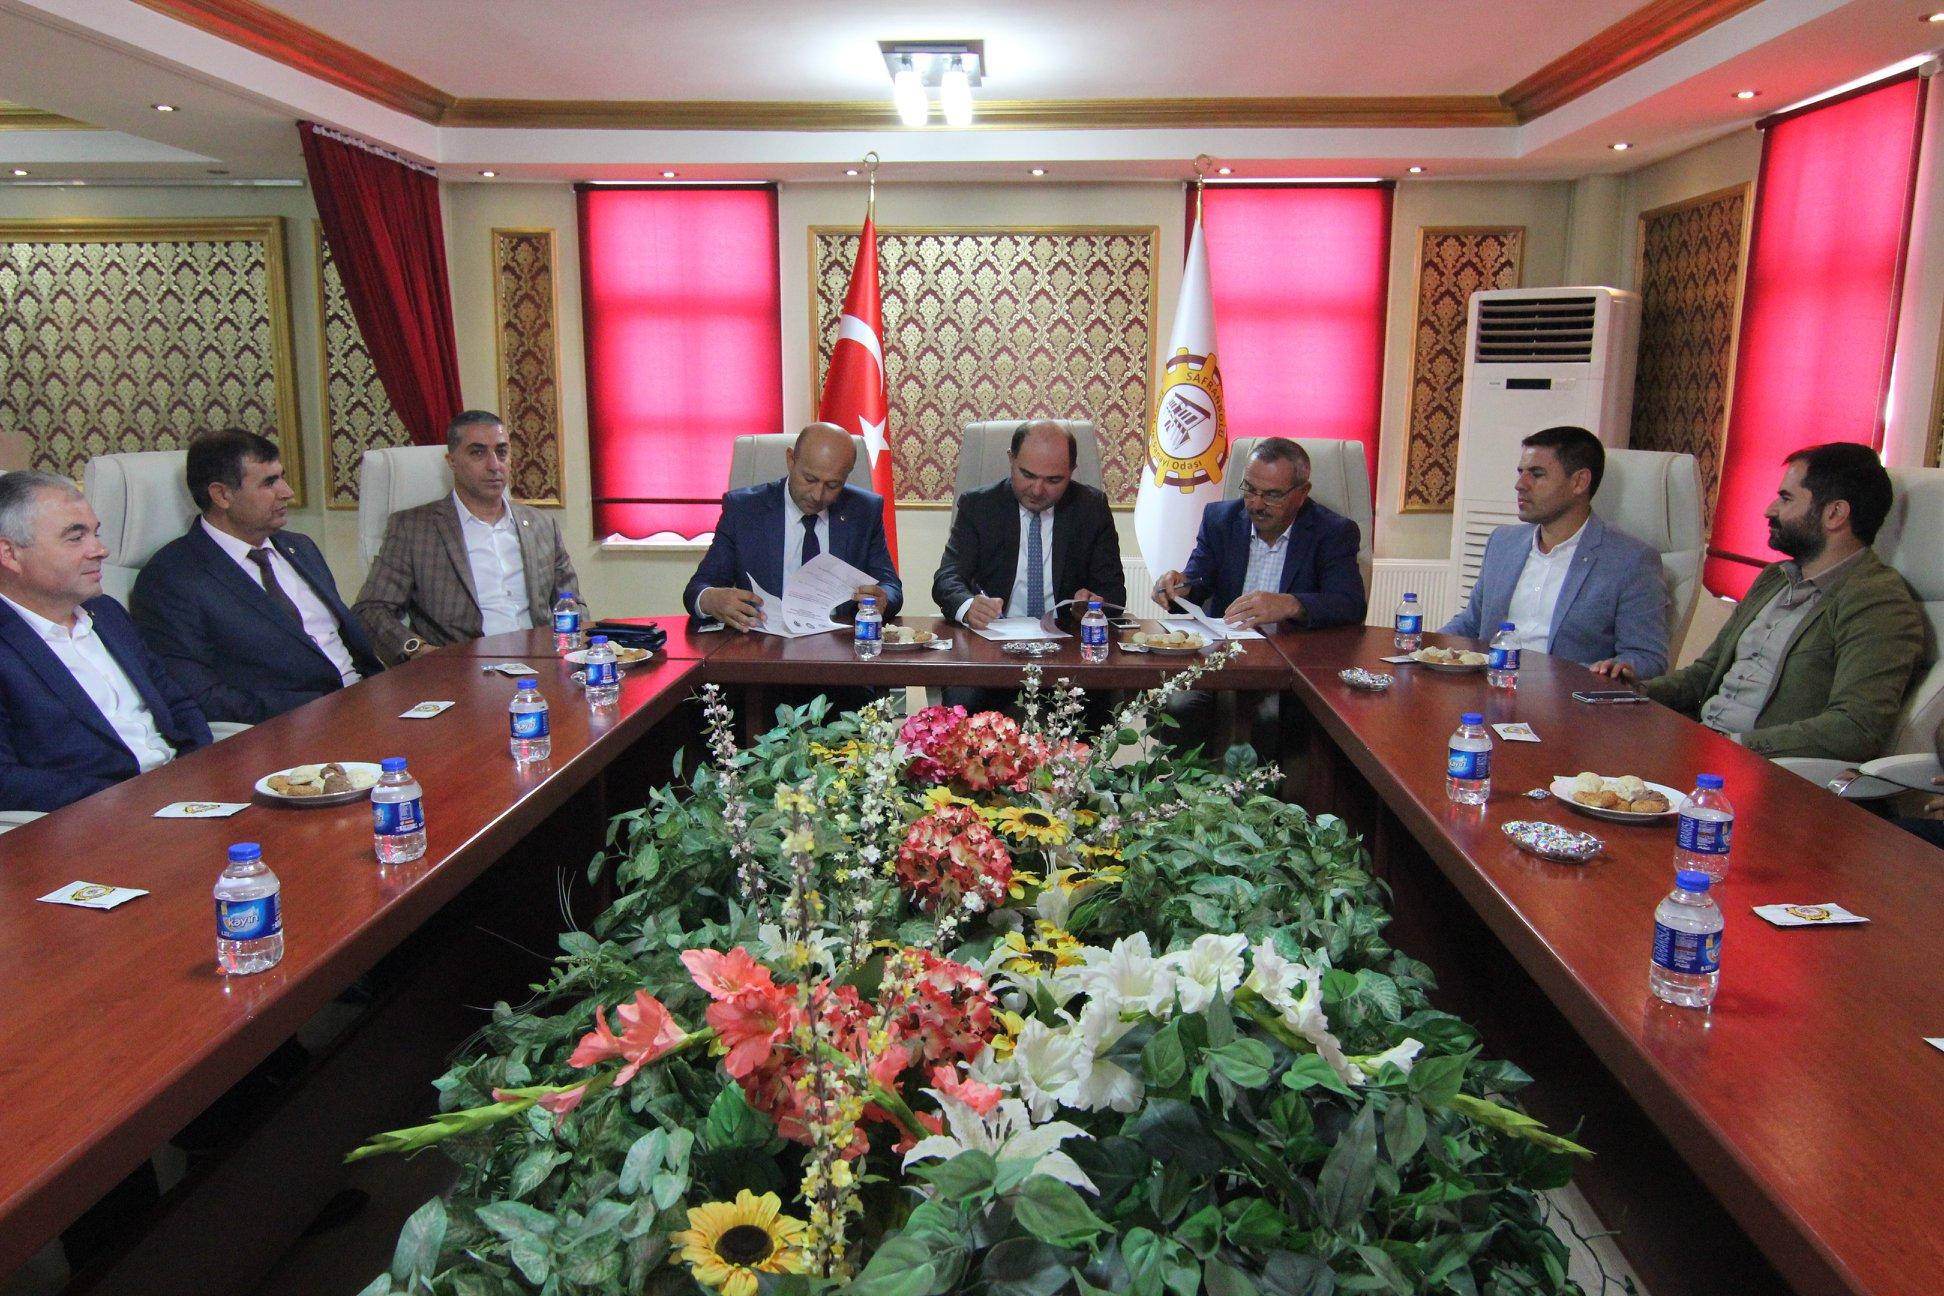 Ürgüp Ticaret Odası Safranbolu ve Beypazarı arasında protokol